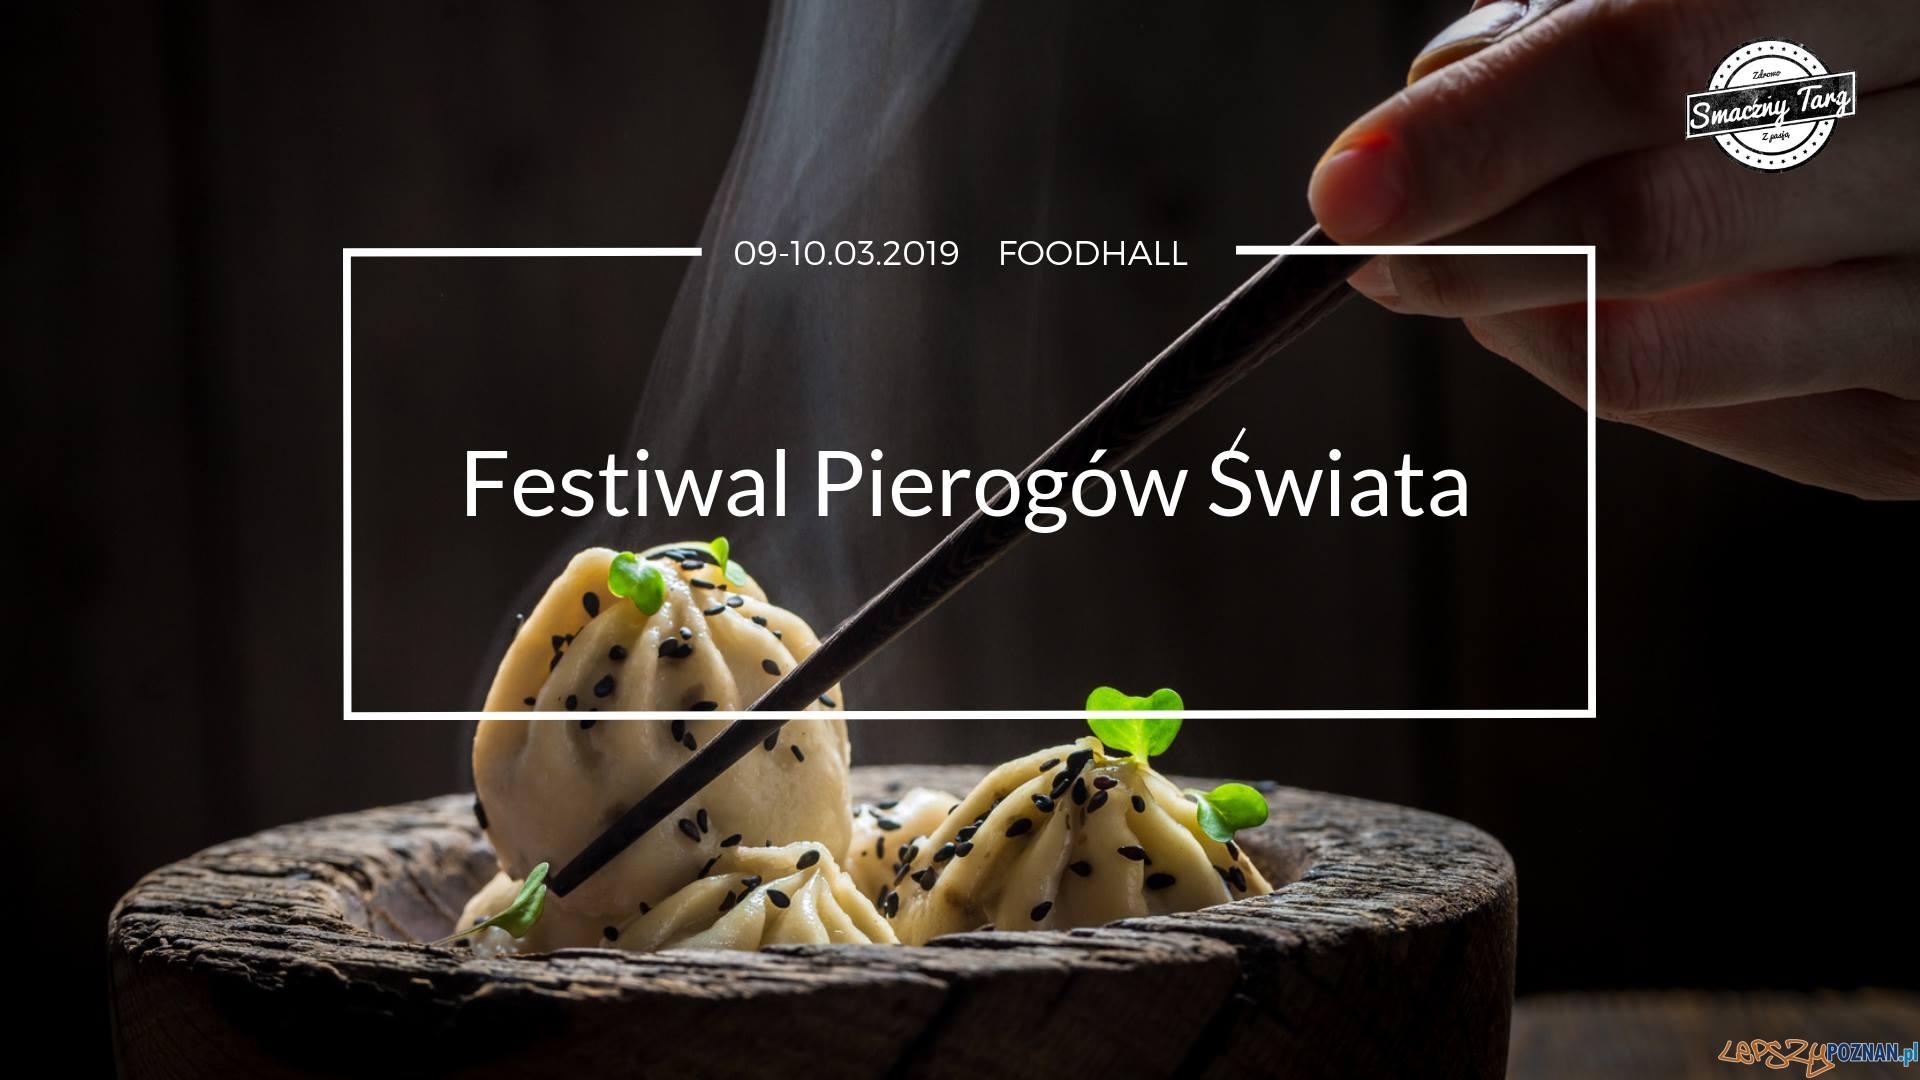 Festiwal Pierogów Świata  Foto: materiały prasowe